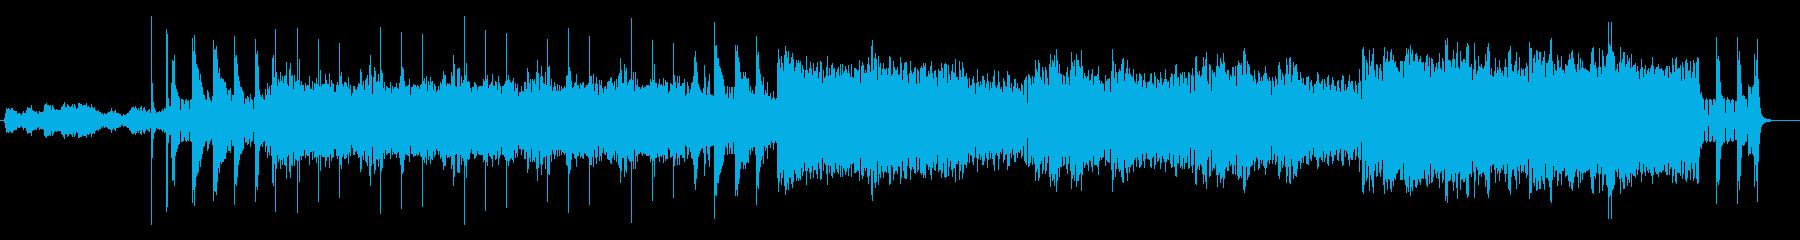 神秘的で幻想的なジャングルサウンドの再生済みの波形